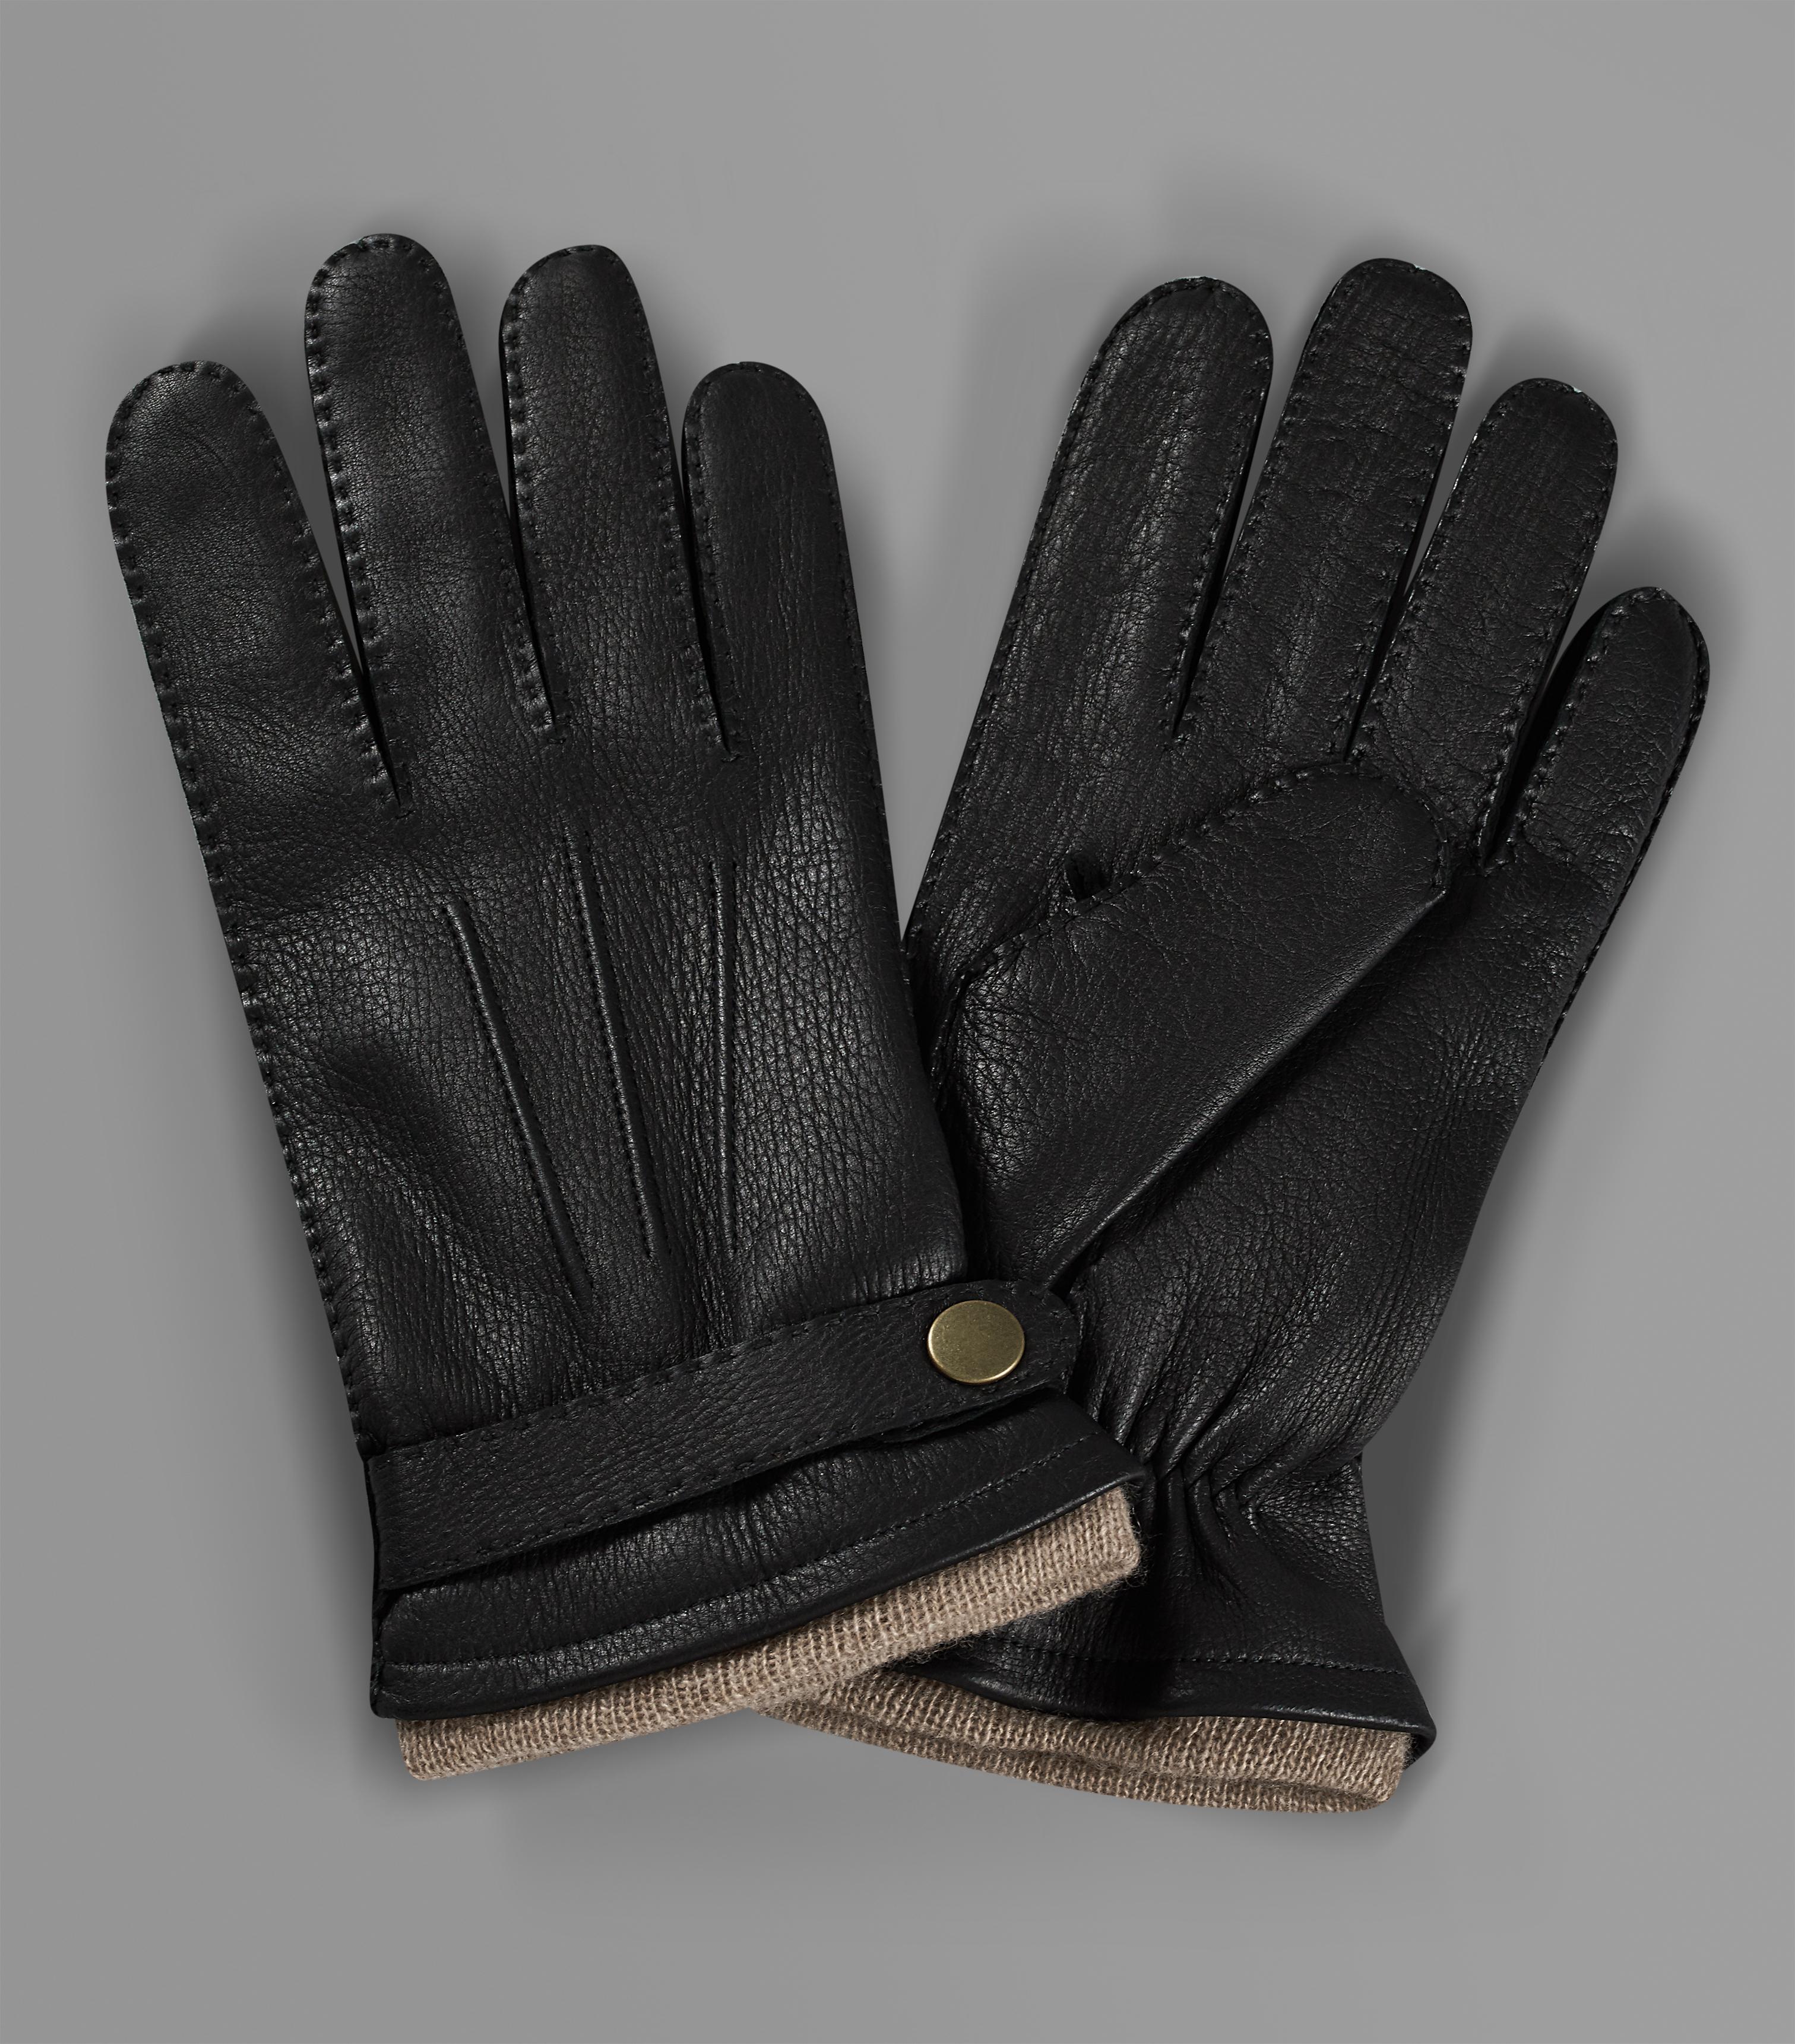 Huntsman Black Deer skin gloves